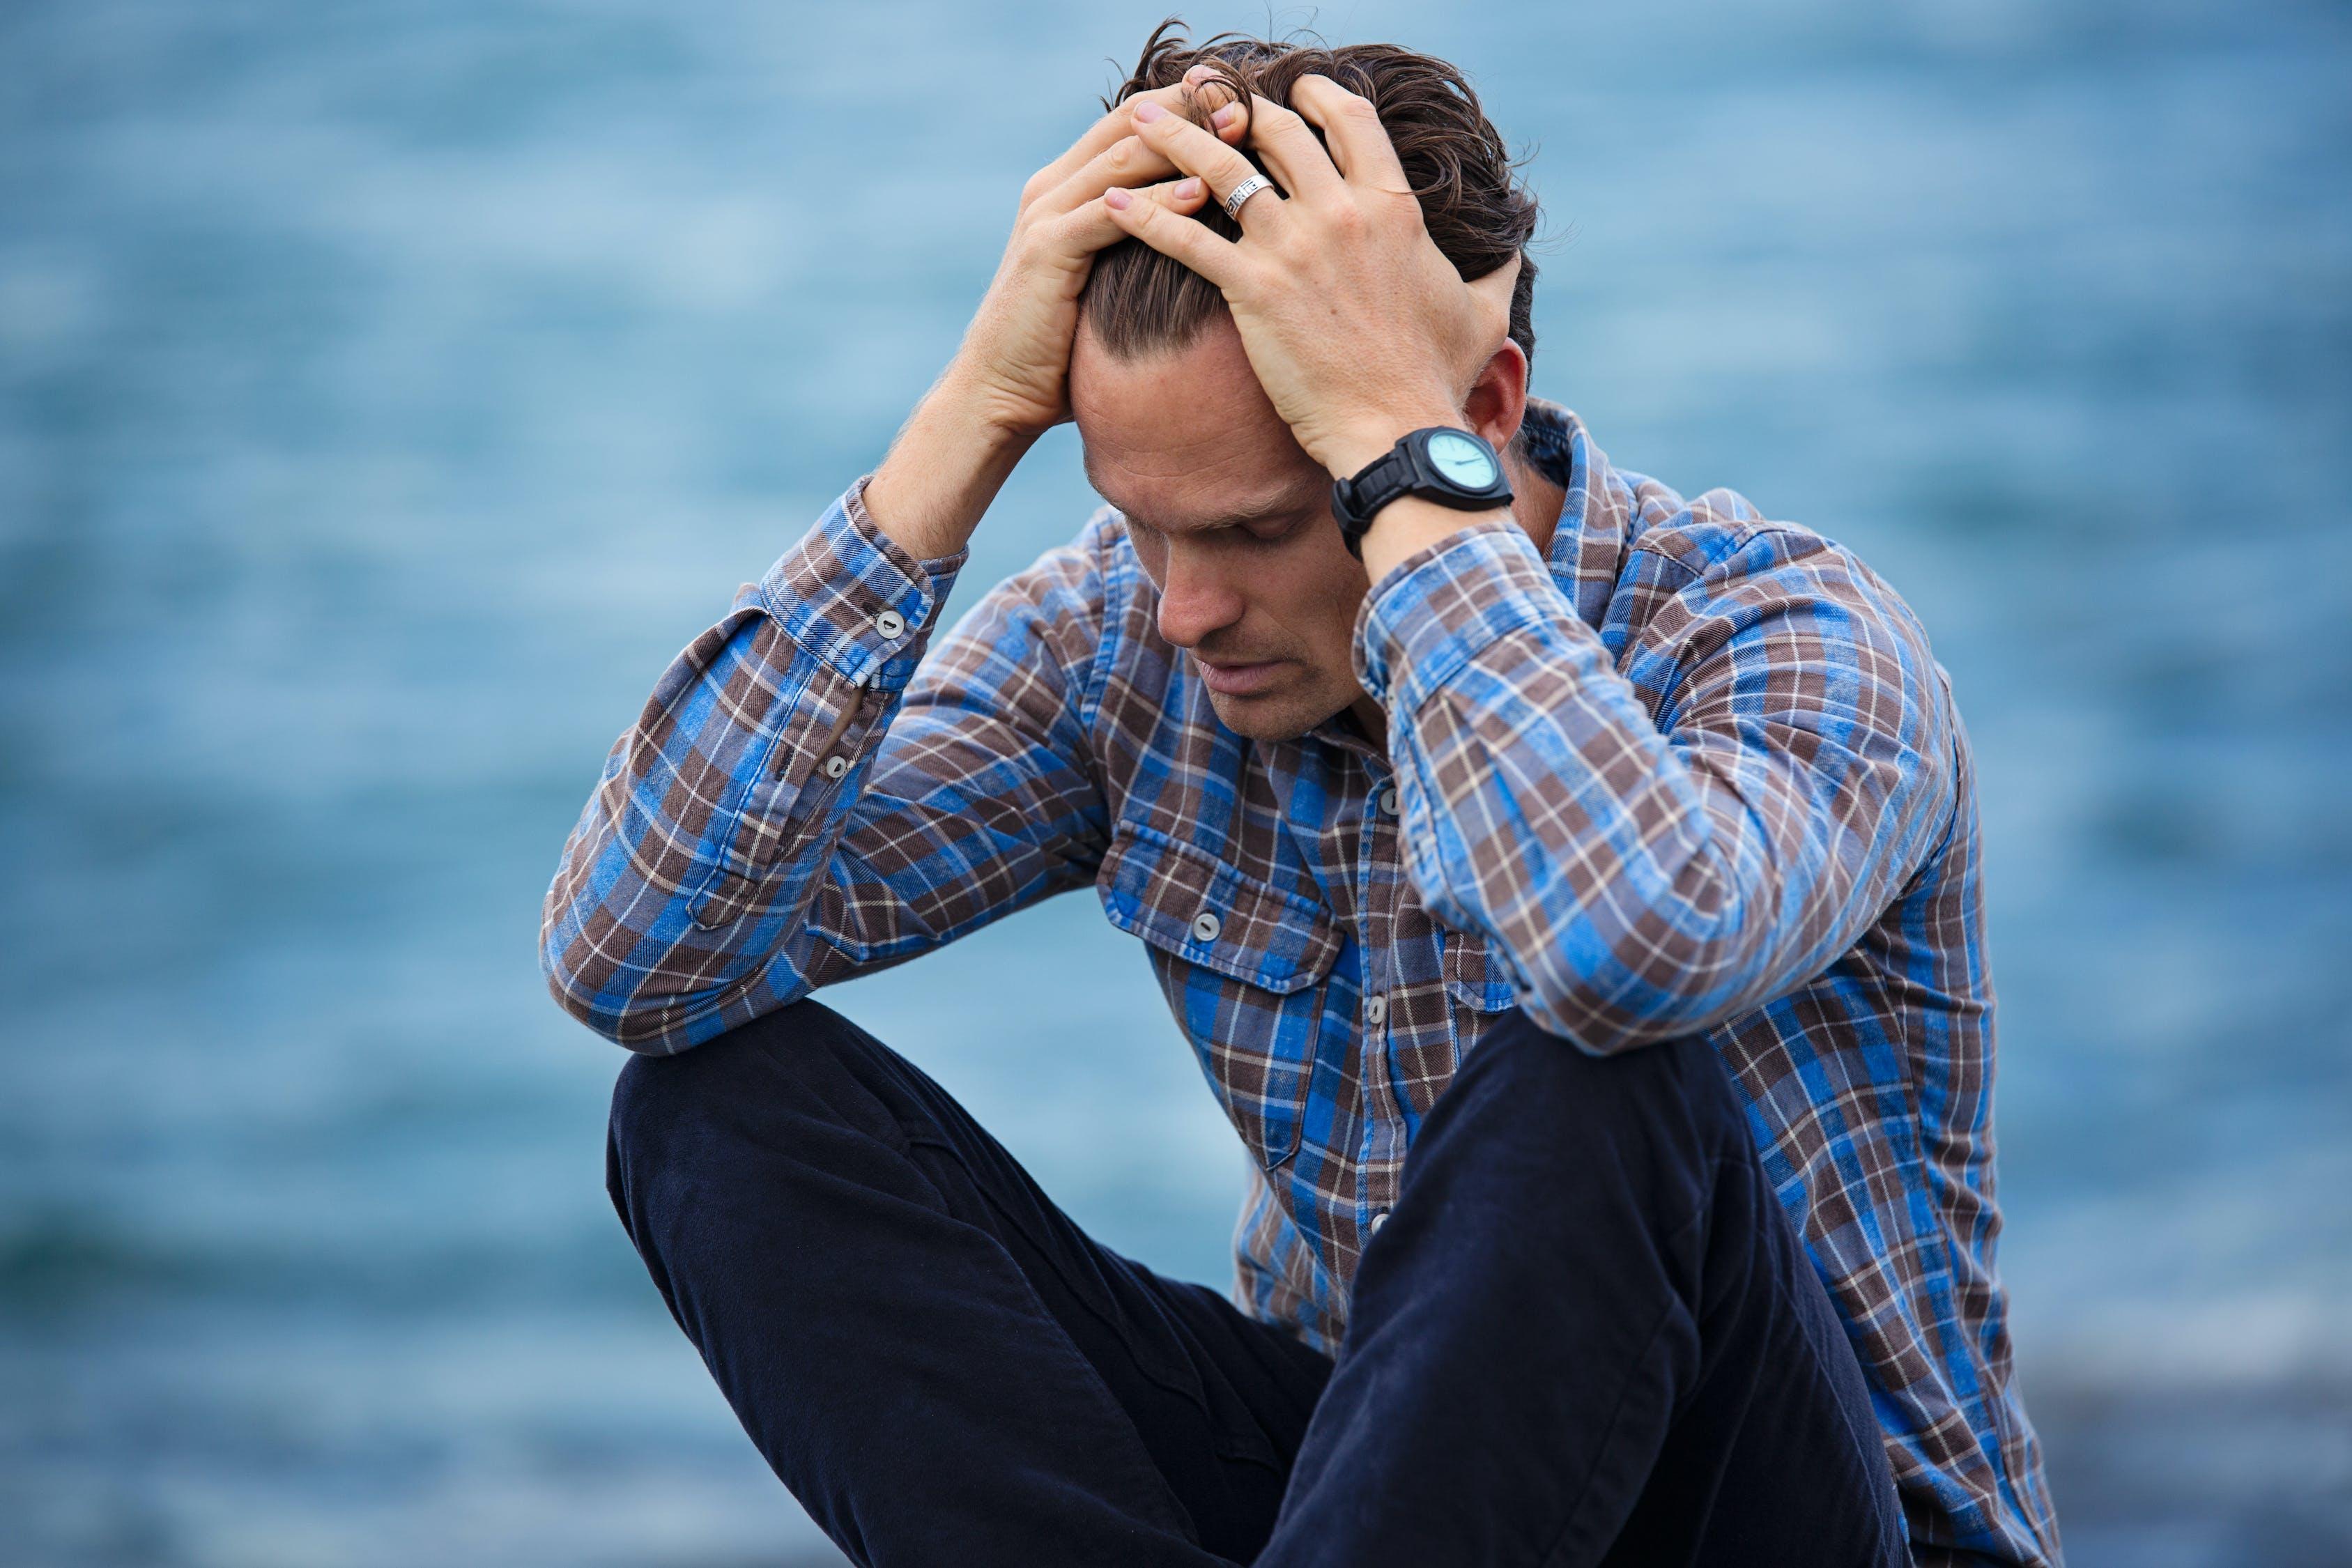 pexels-photo-897817 Come calmarsi durante un attacco di panico: 7 modi scientificamente provati